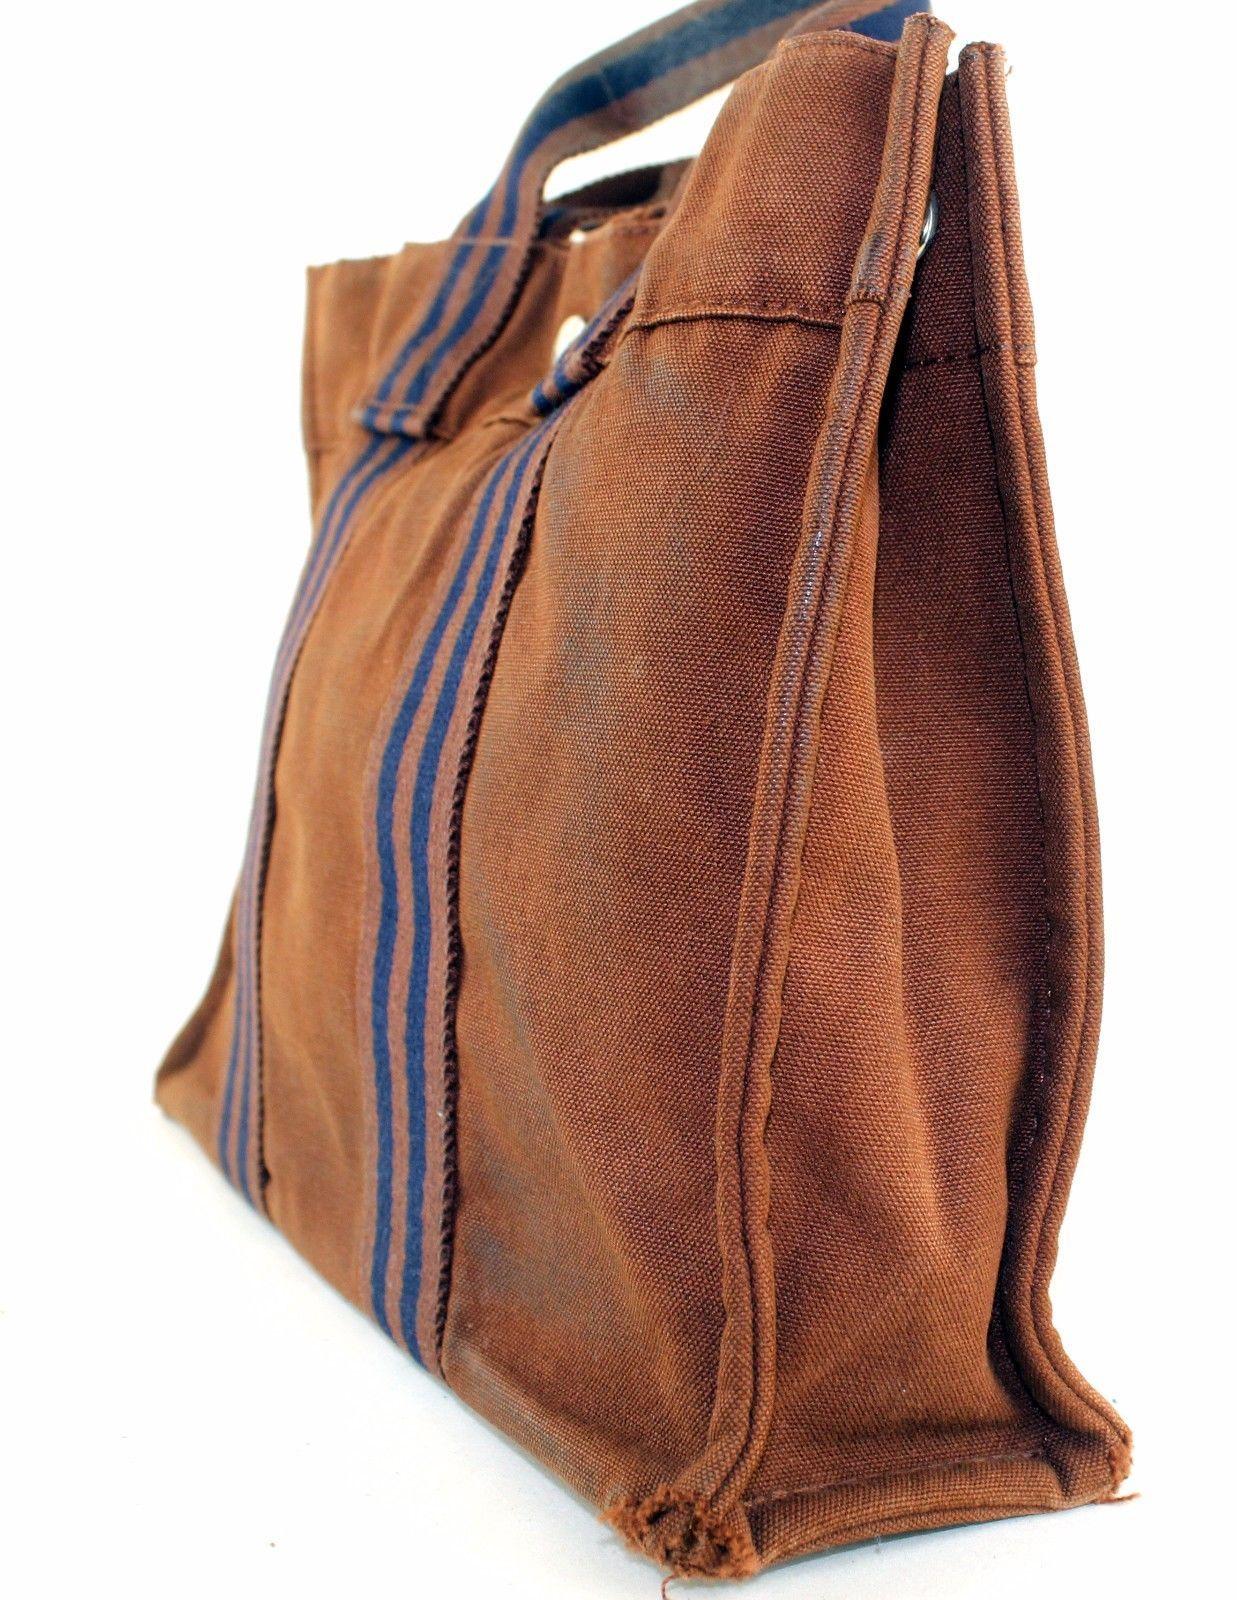 537ef7ad6bd Auth HERMES Paris Fourre Tout MM Brown Cotton Canvas Unisex Small Tote  Handbag